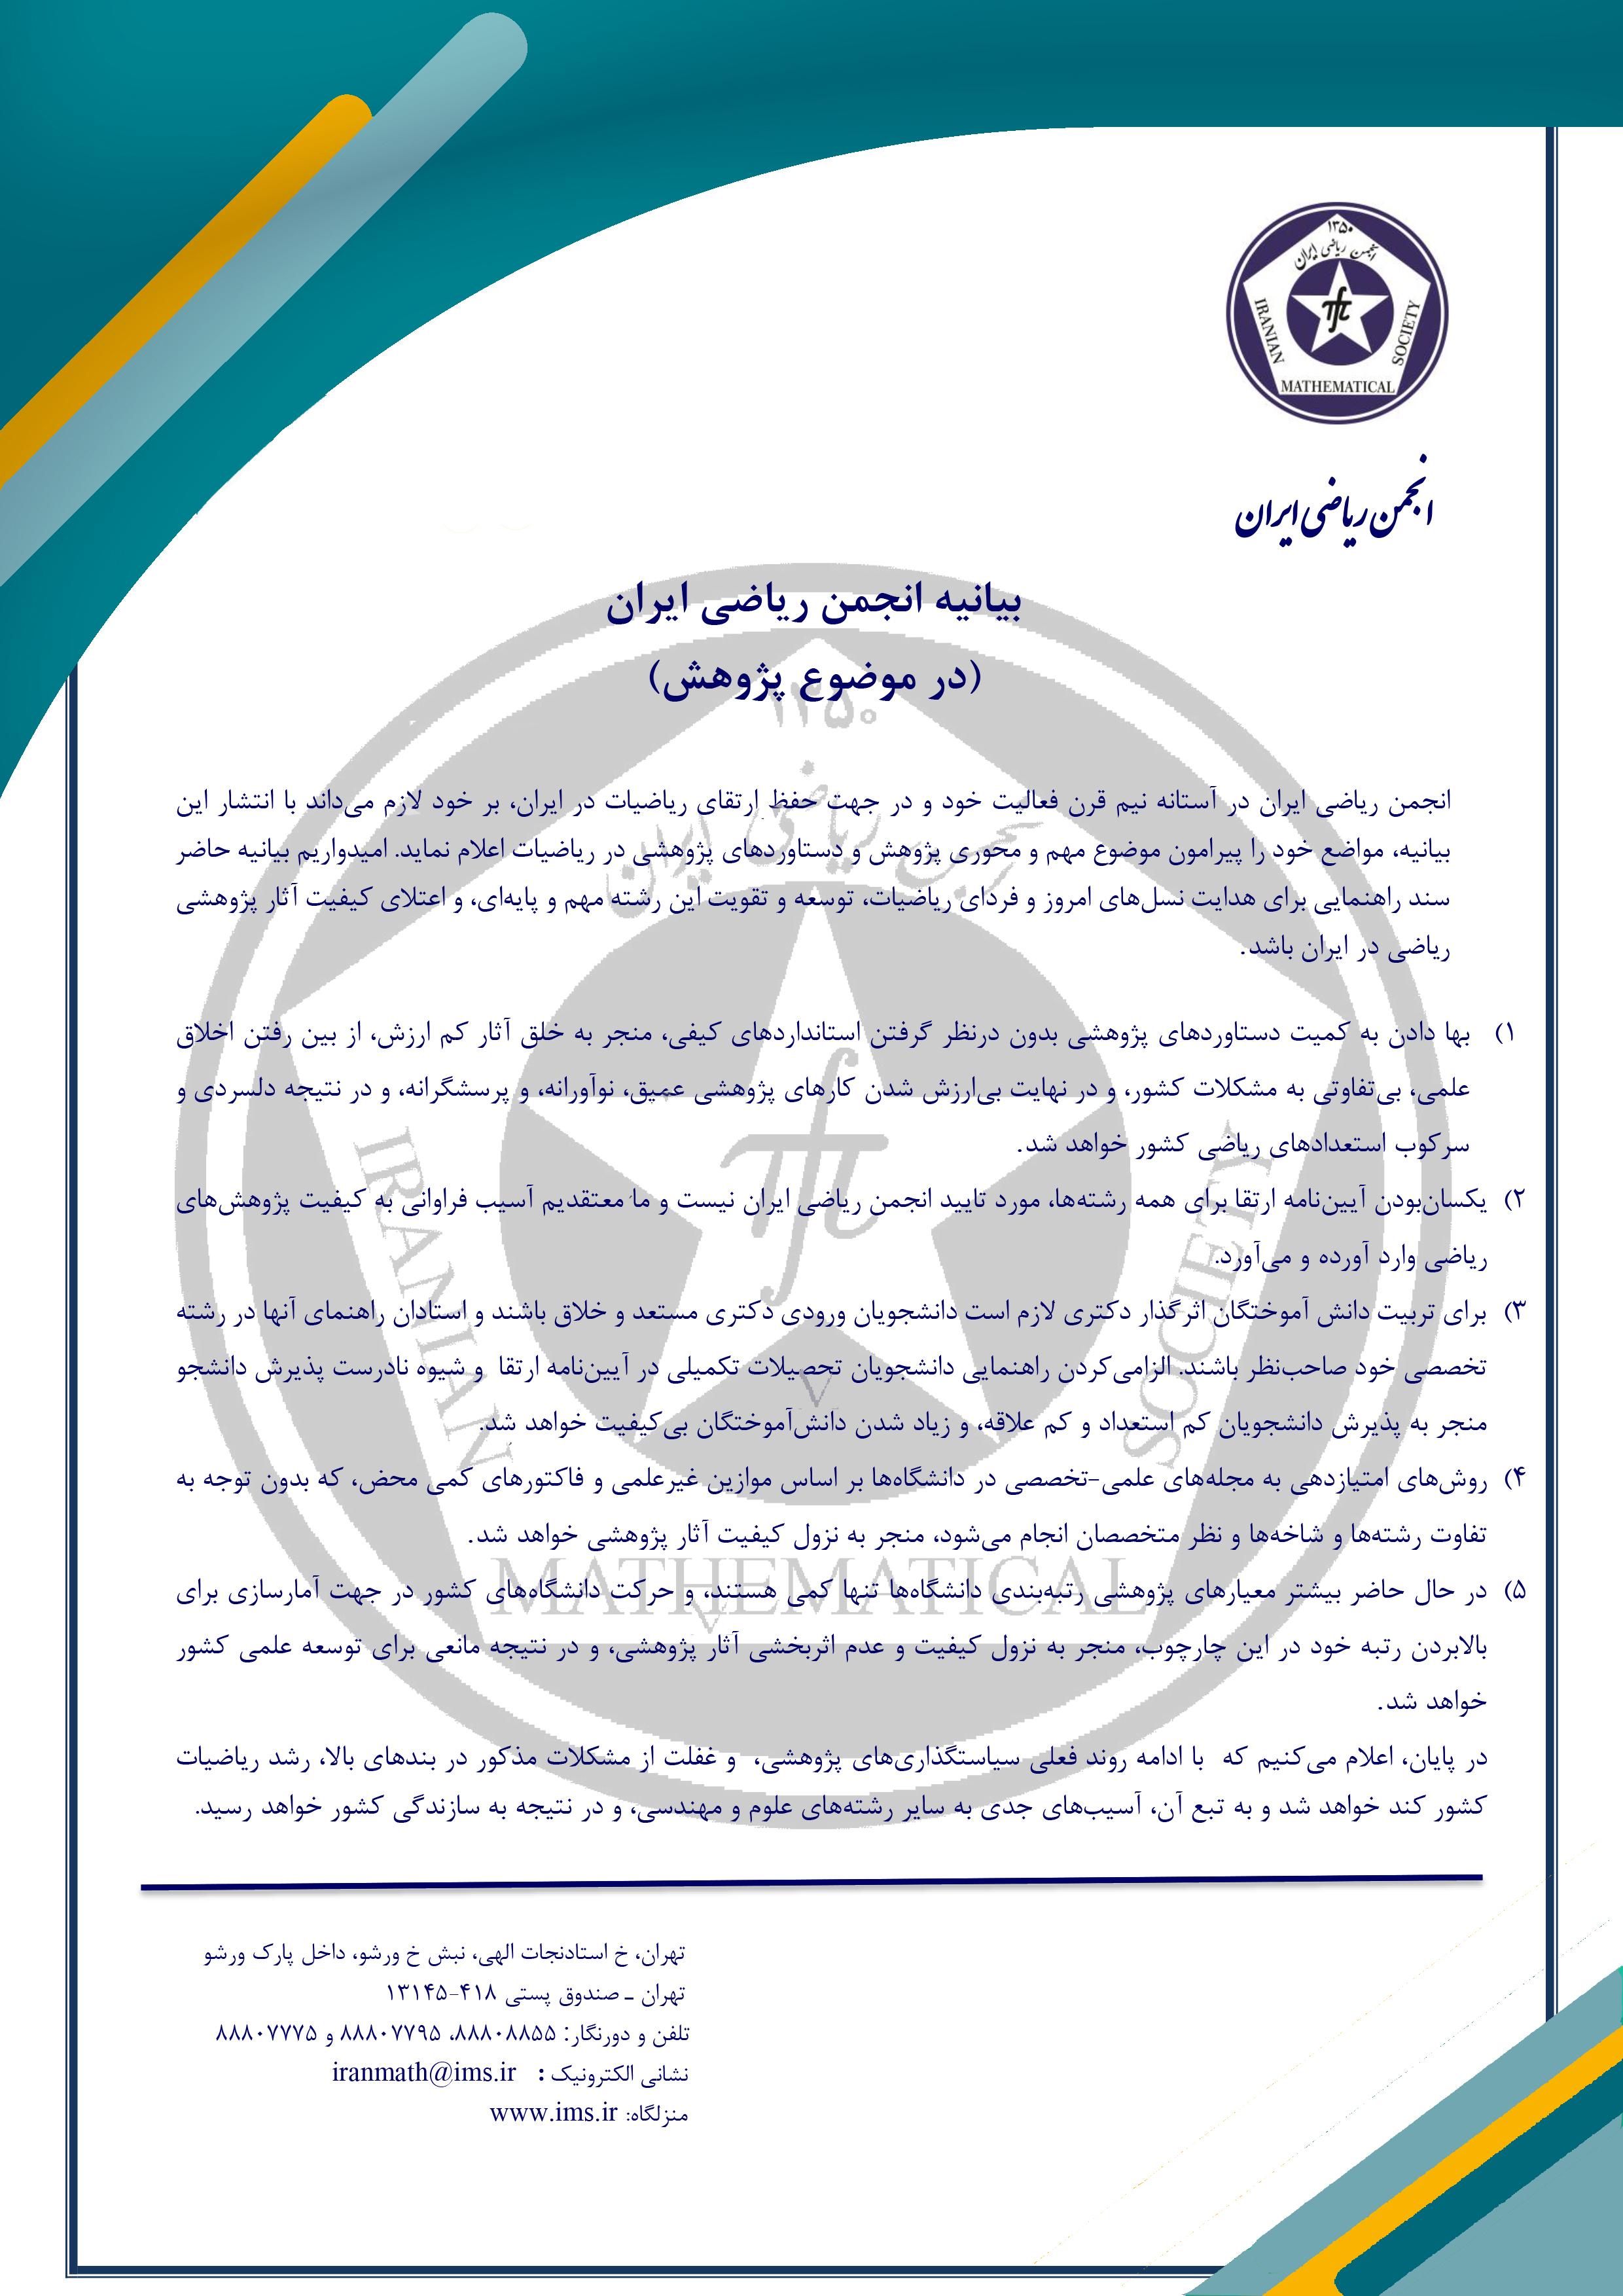 اولین بیانیه انجمن ریاضی ایران در موضوع پژوهش